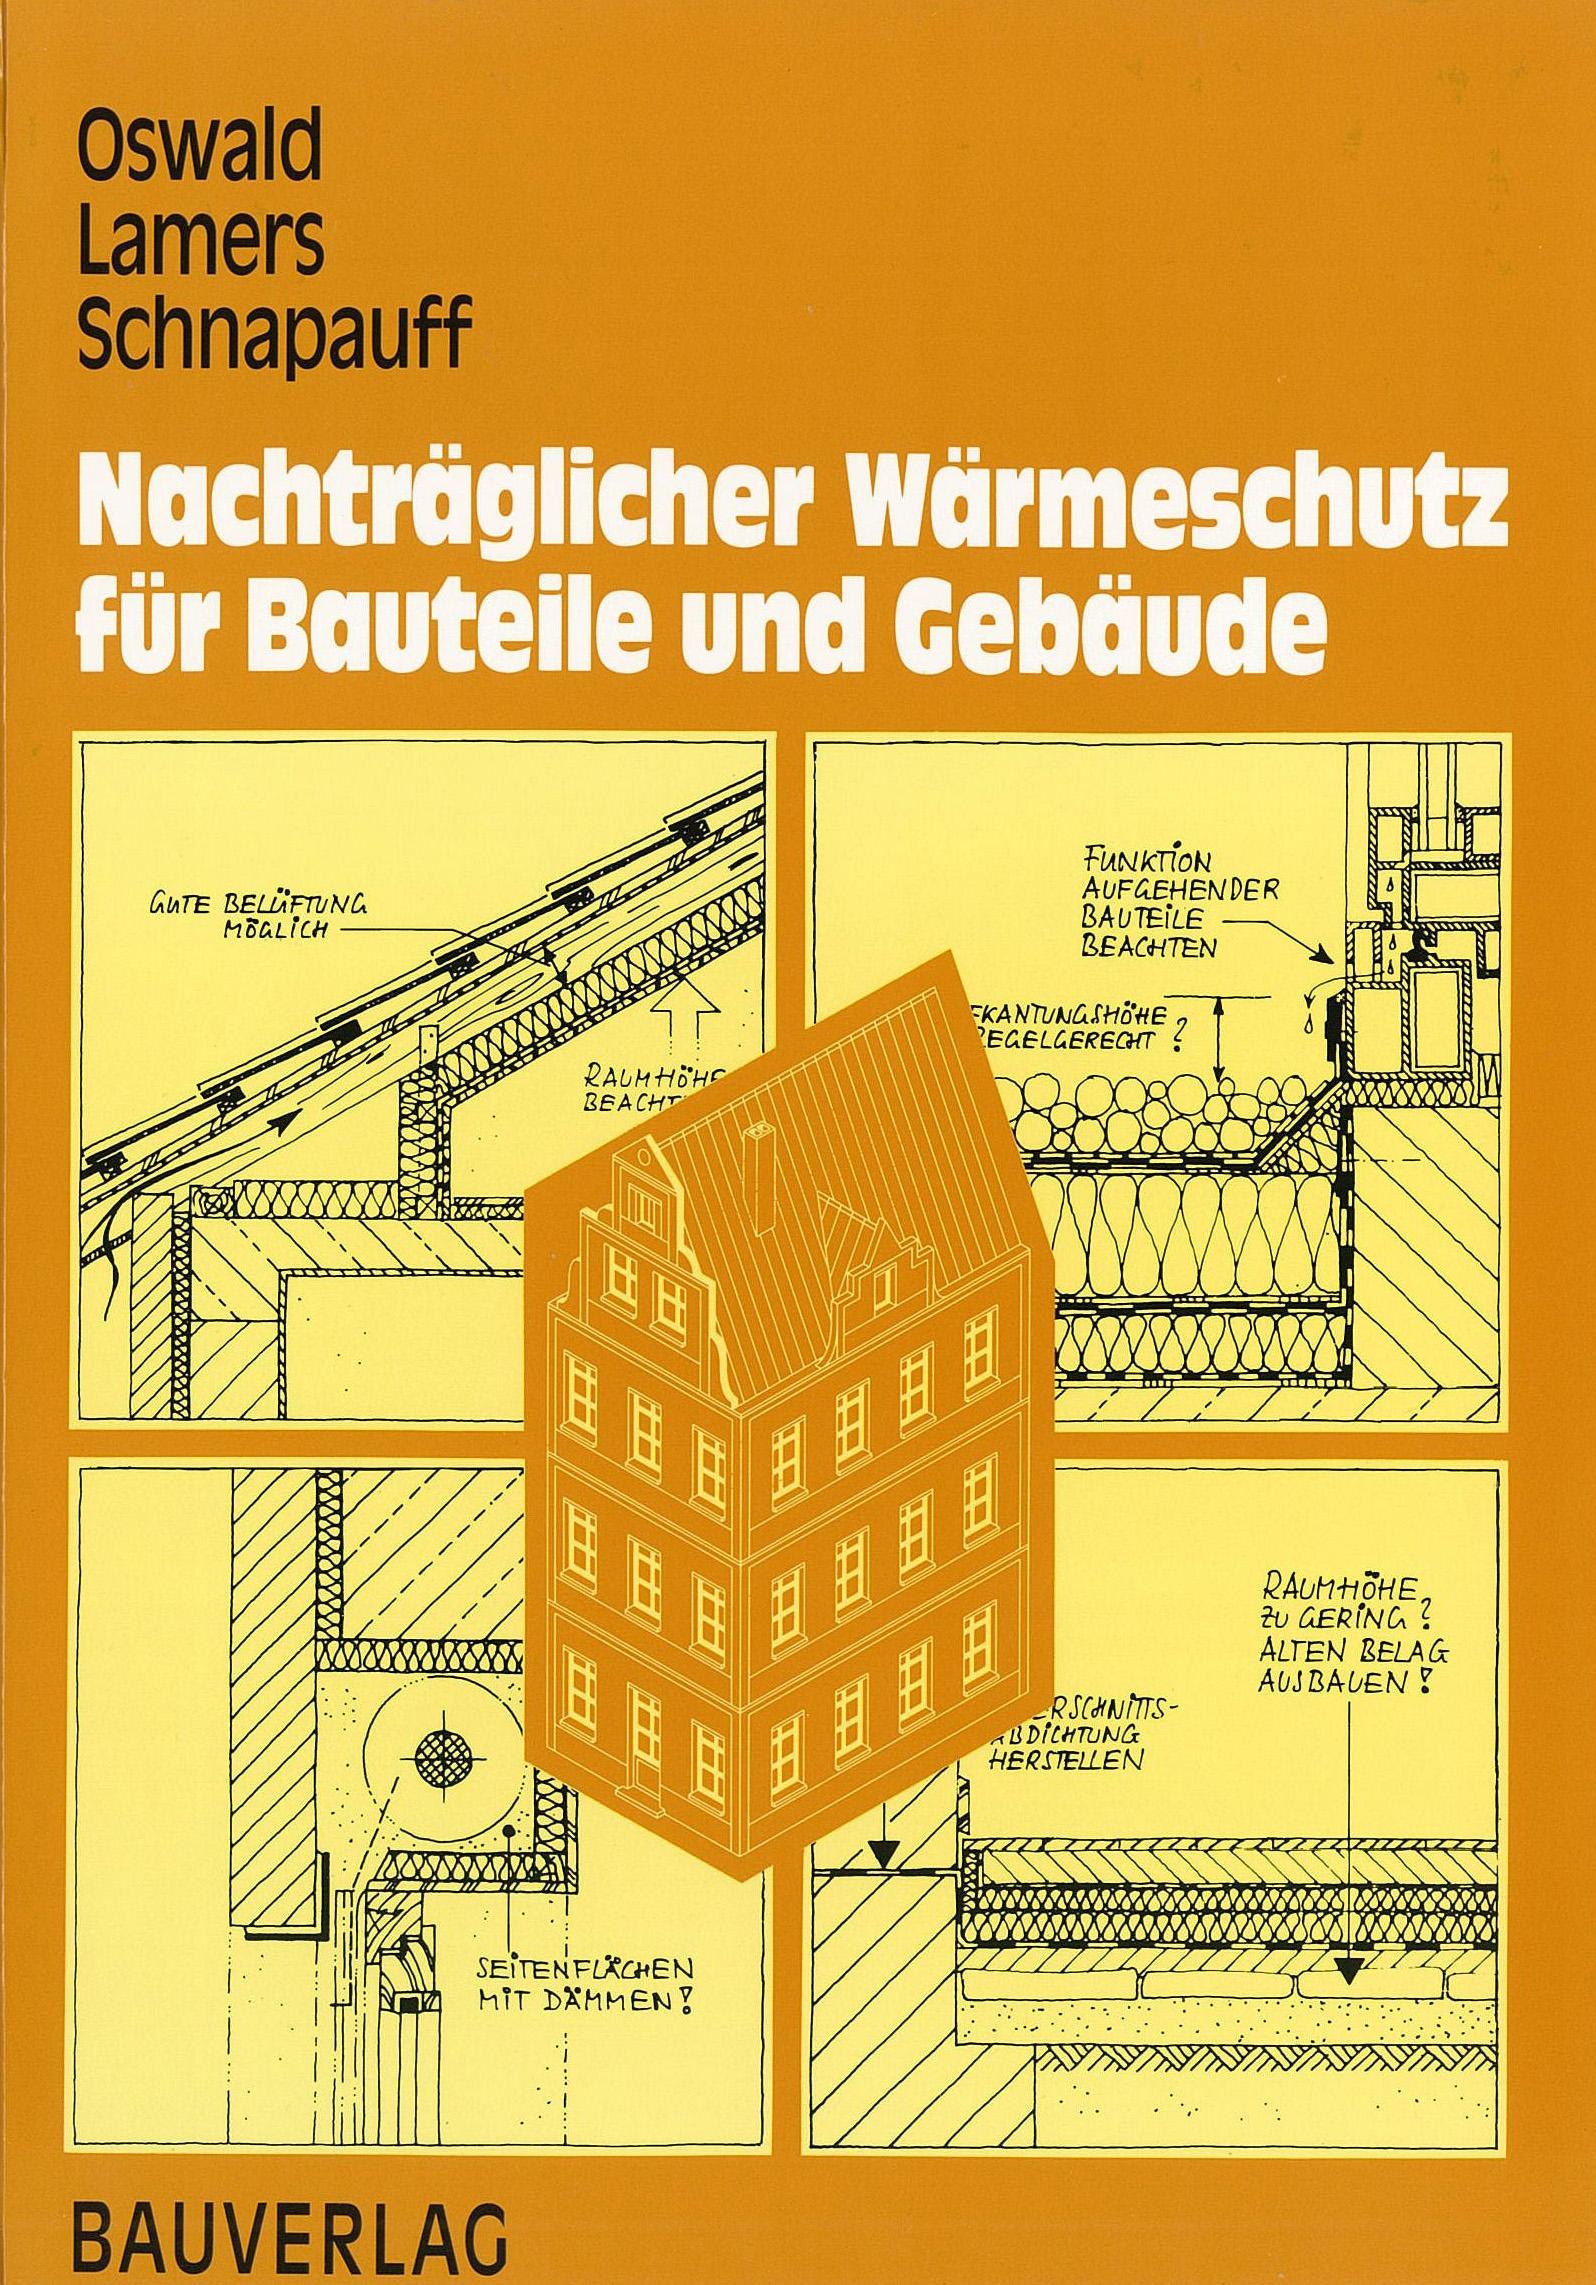 Nachträglicher Wärmeschutz für Bauteile und Gebäude